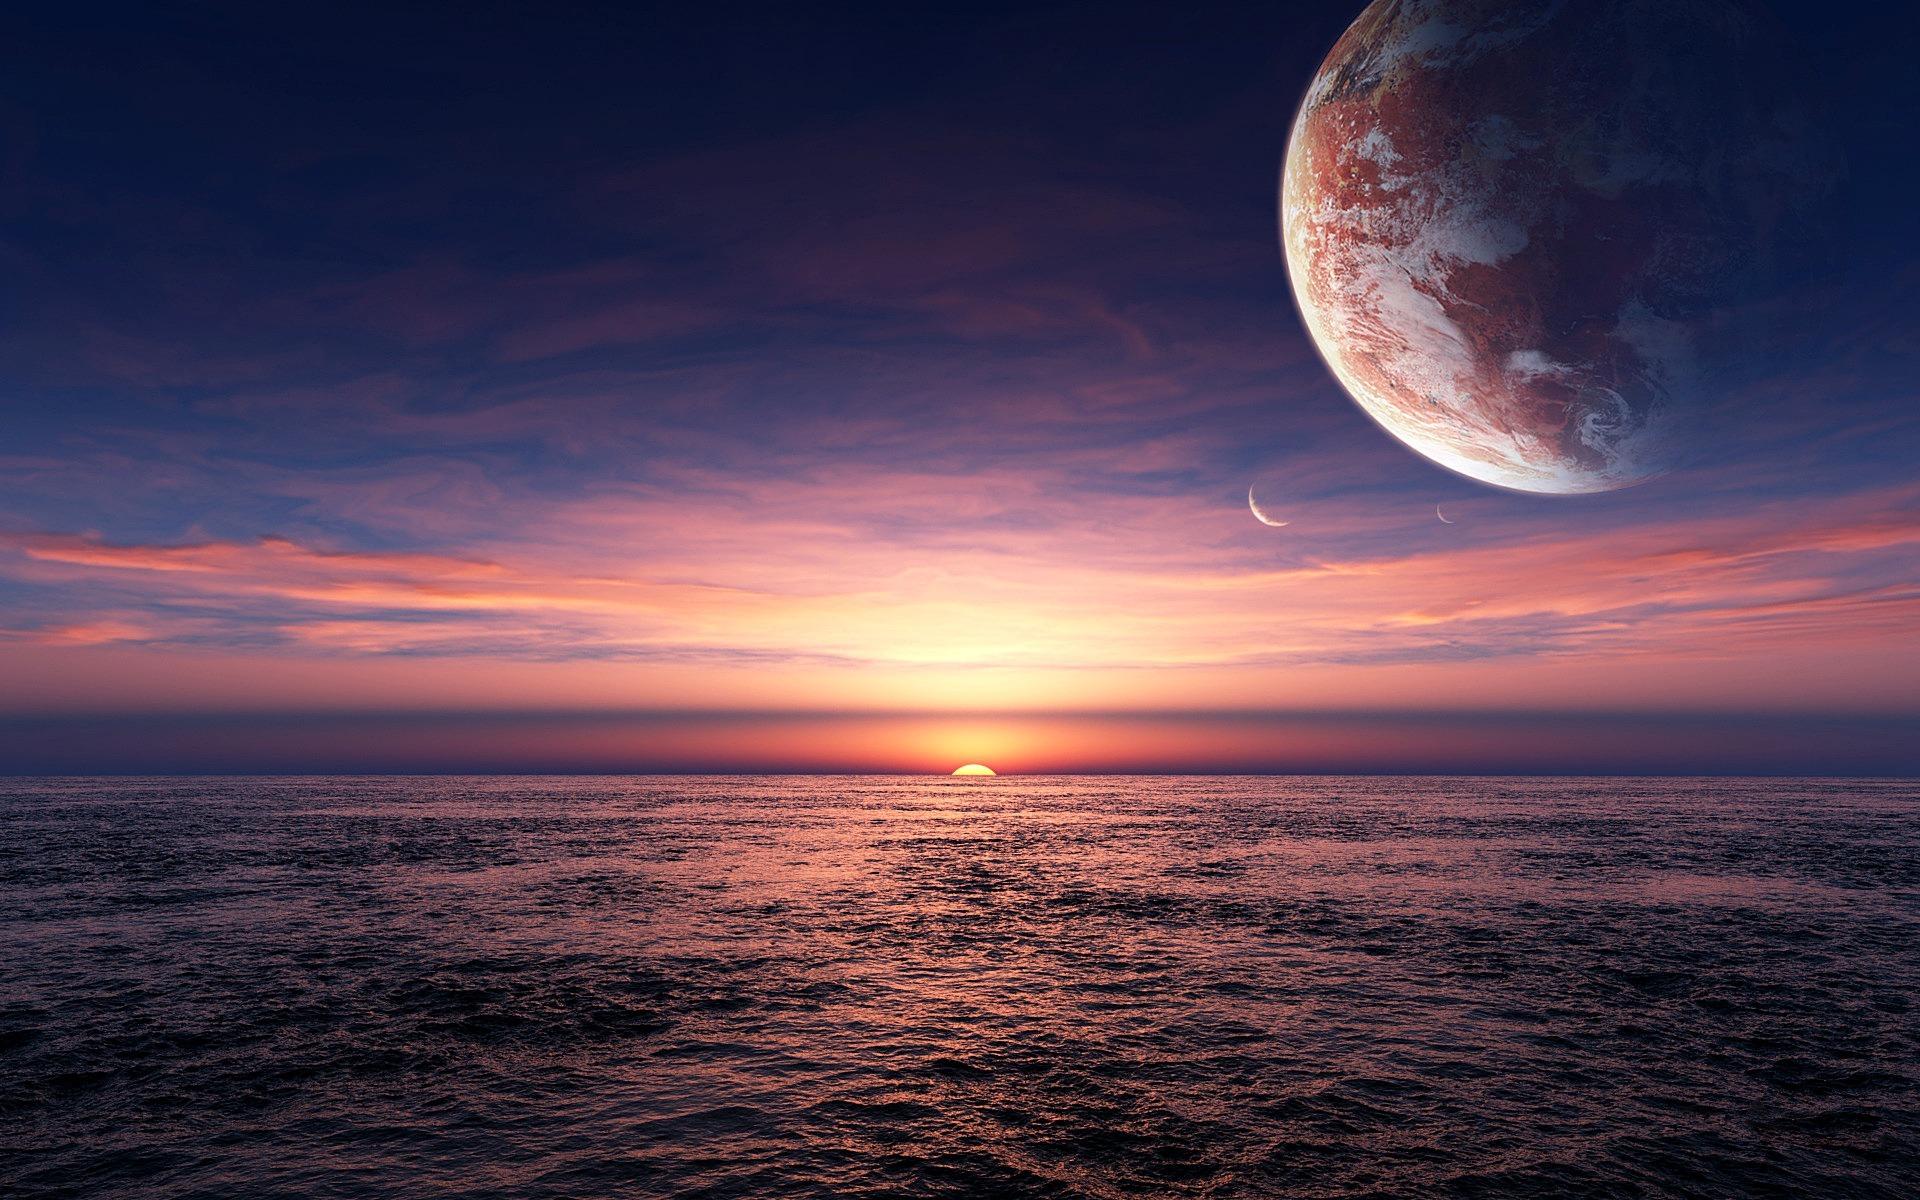 11359 скачать обои Пейзаж, Вода, Закат, Планеты, Море, Солнце - заставки и картинки бесплатно